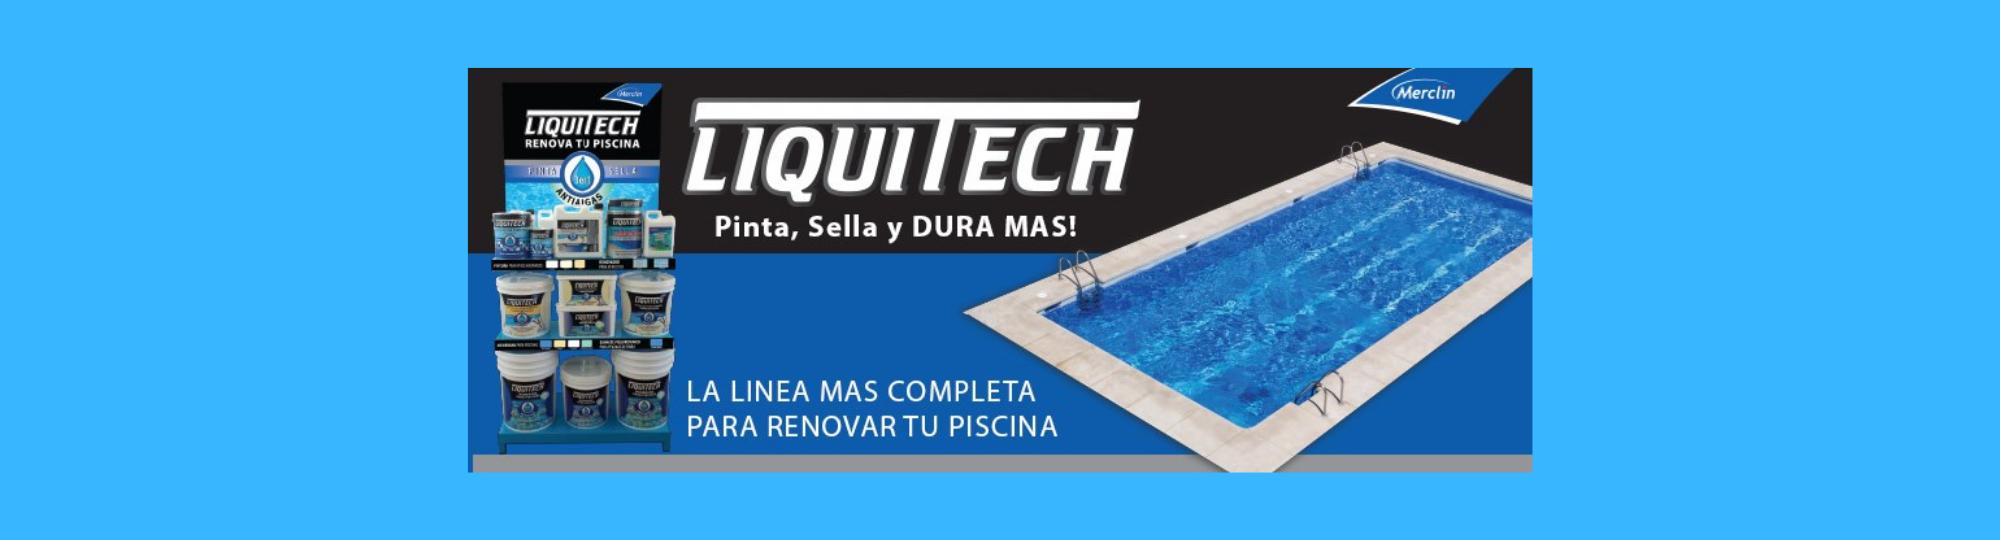 S Liquitech 1